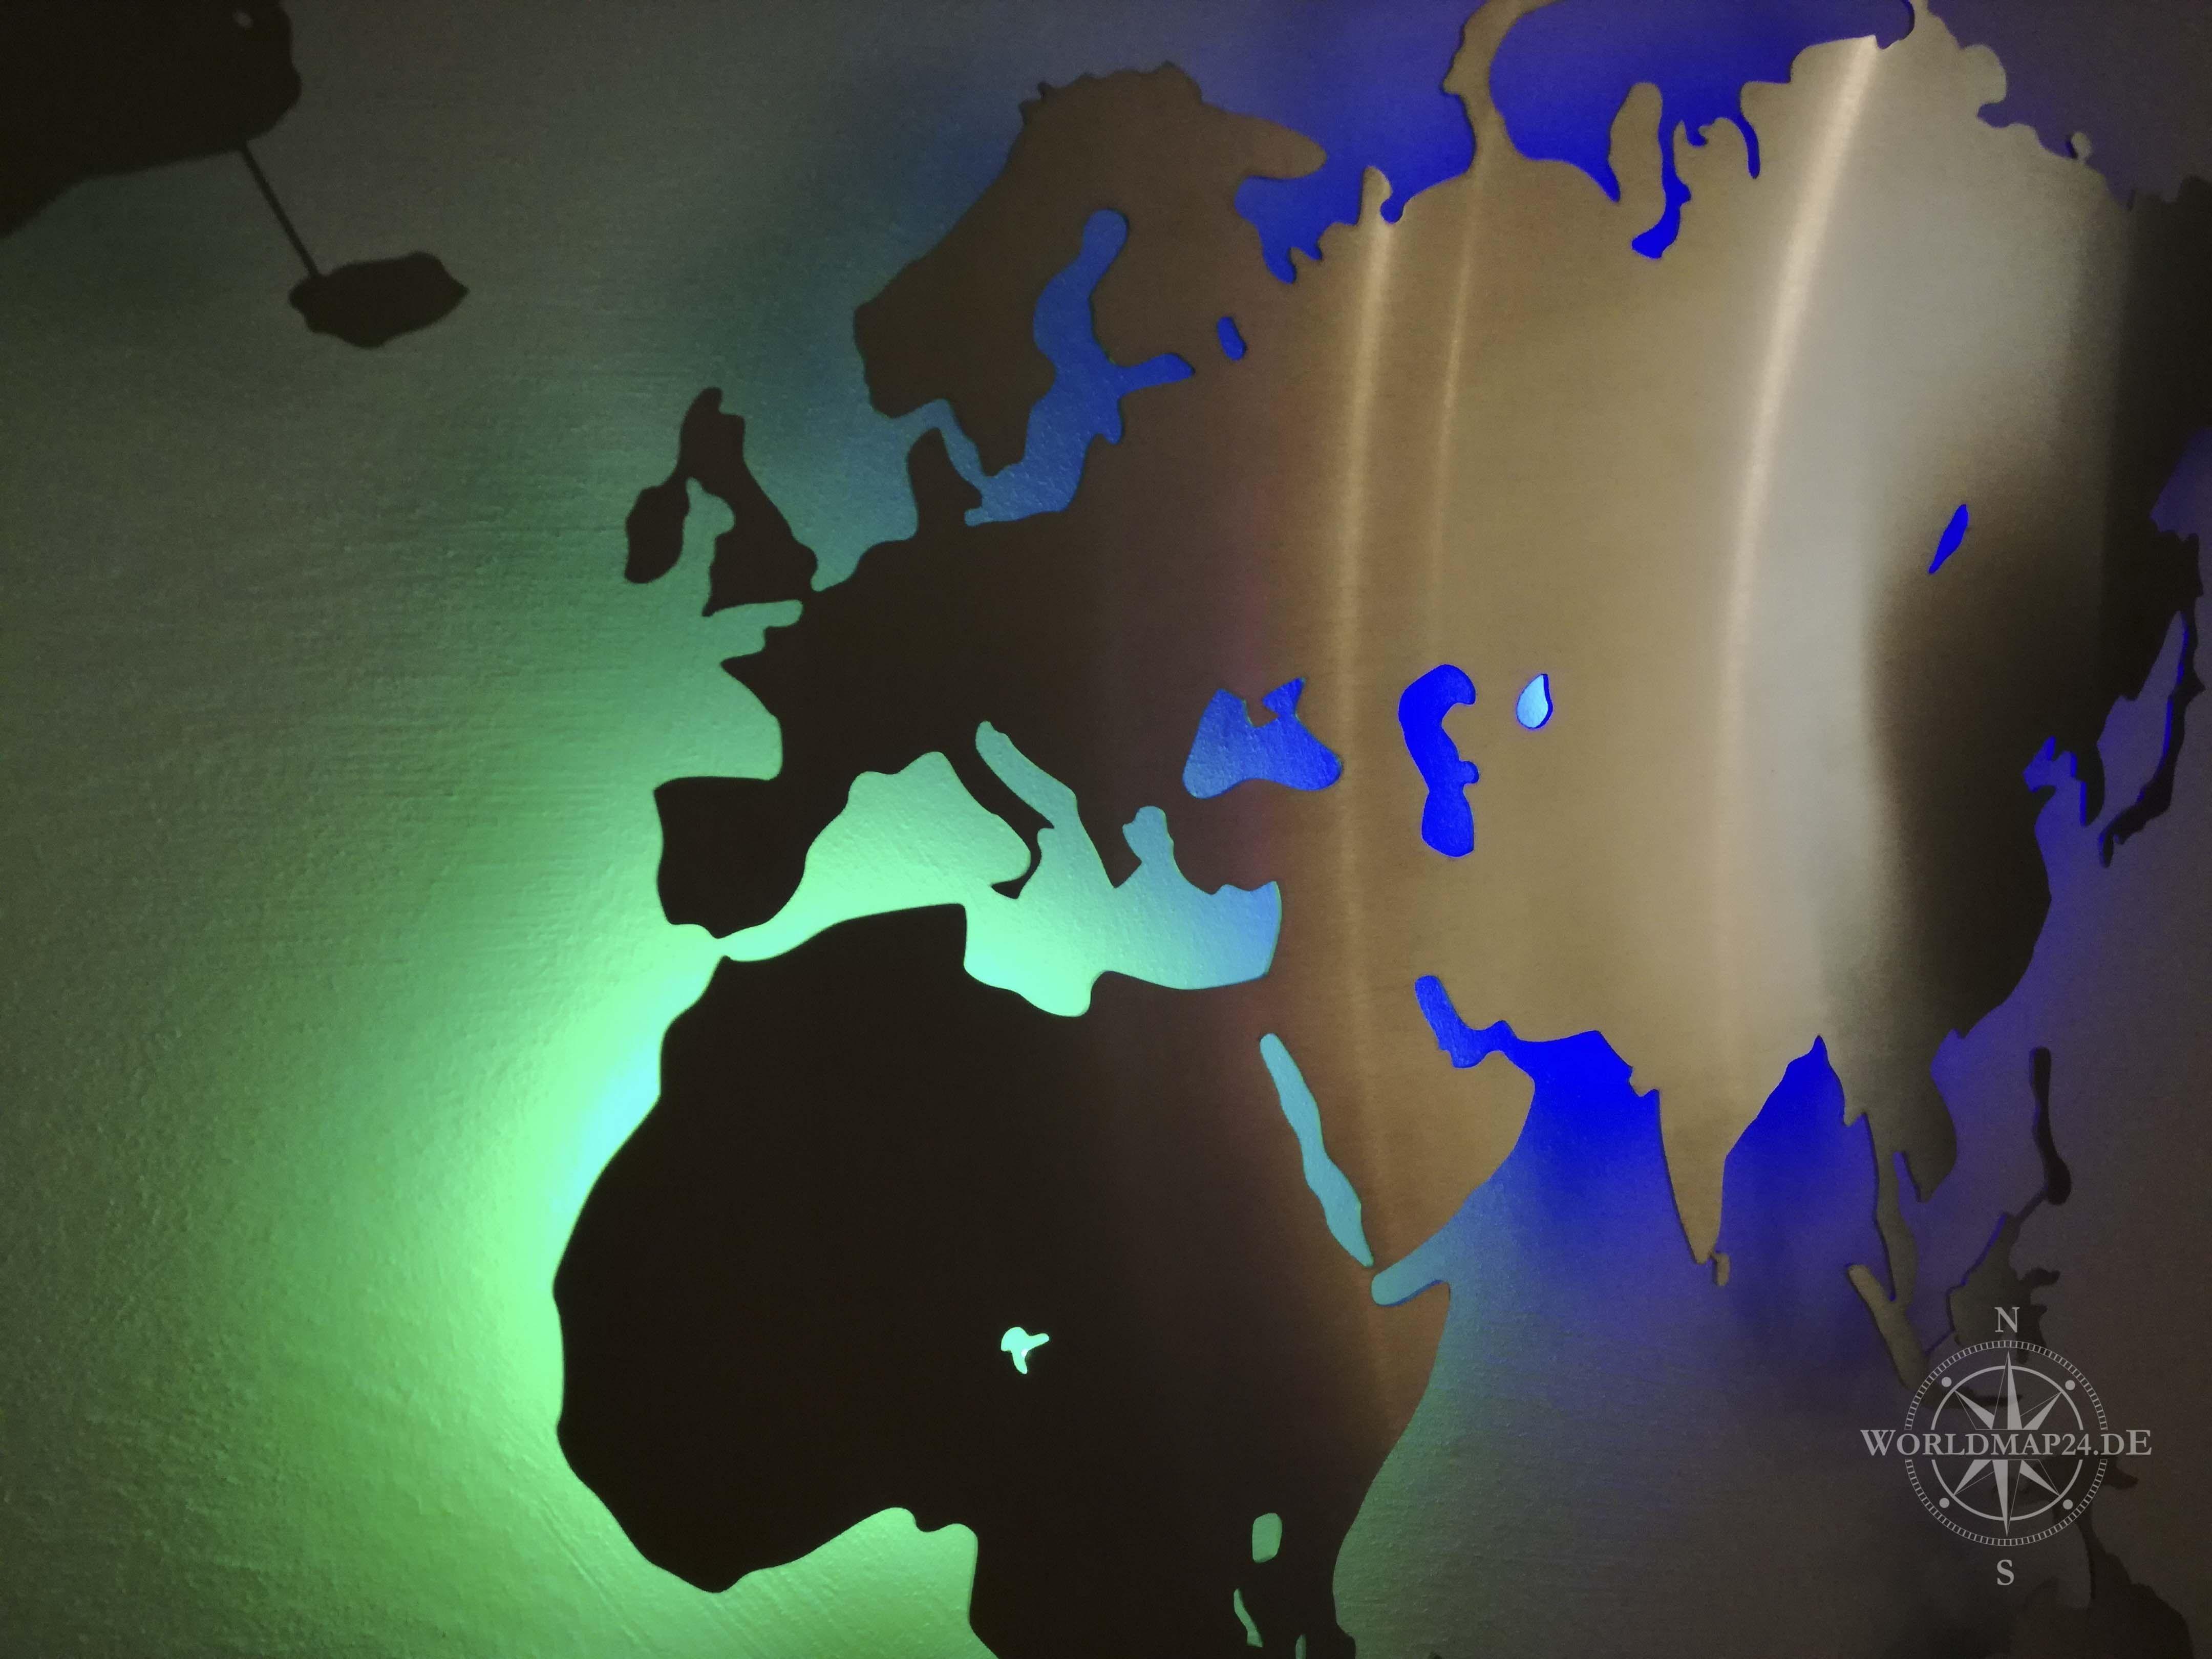 Beleuchtete Weltkarte Wand Dekoration Aus Edelstahl Rbg Led Diy Weltkarte Wand Weltkarte Beleuchten